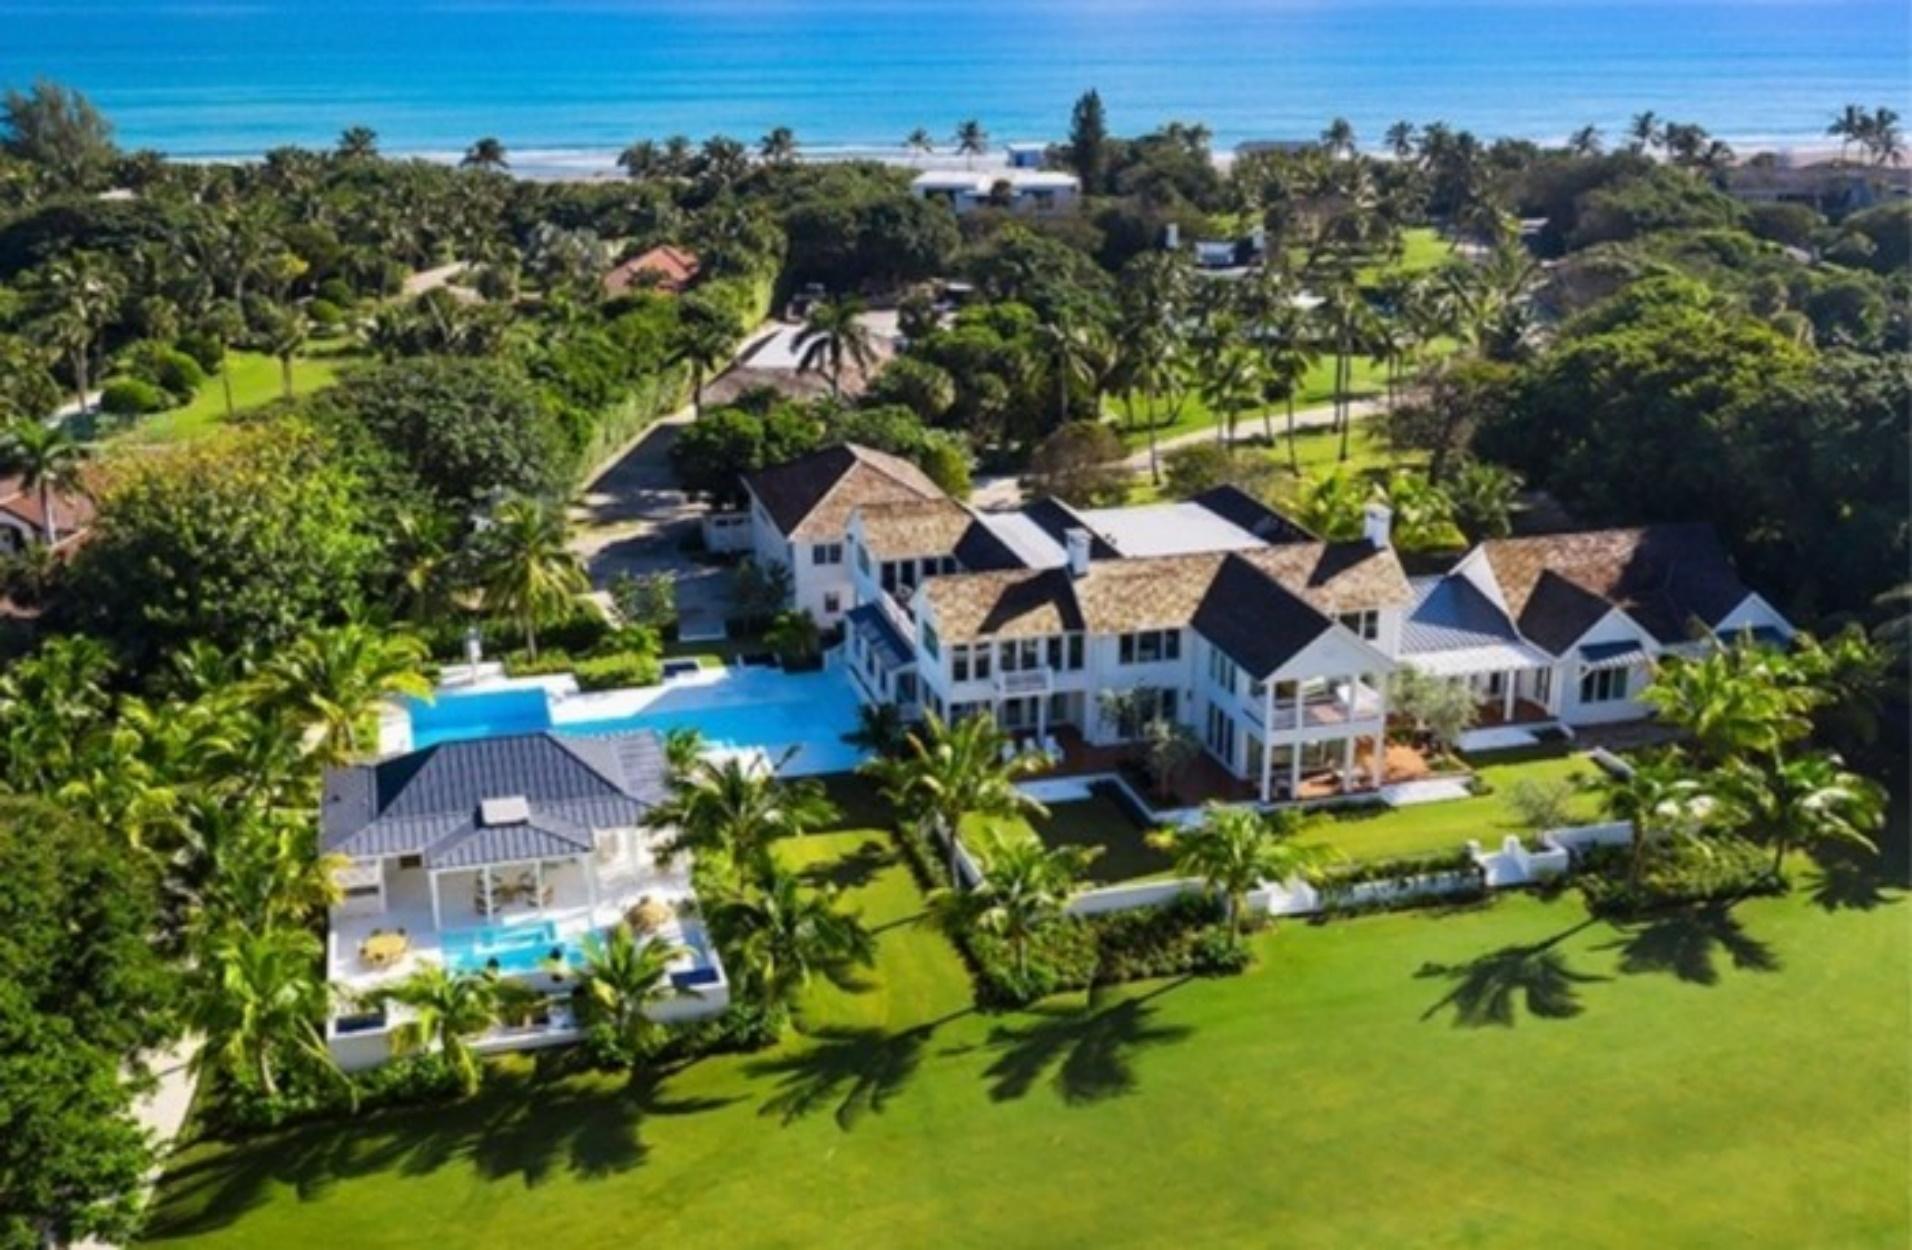 Δείτε το σπίτι των 60 εκατ. δολαρίων του διάσημου γκολφέρ Γκρεγκ Νόρμαν